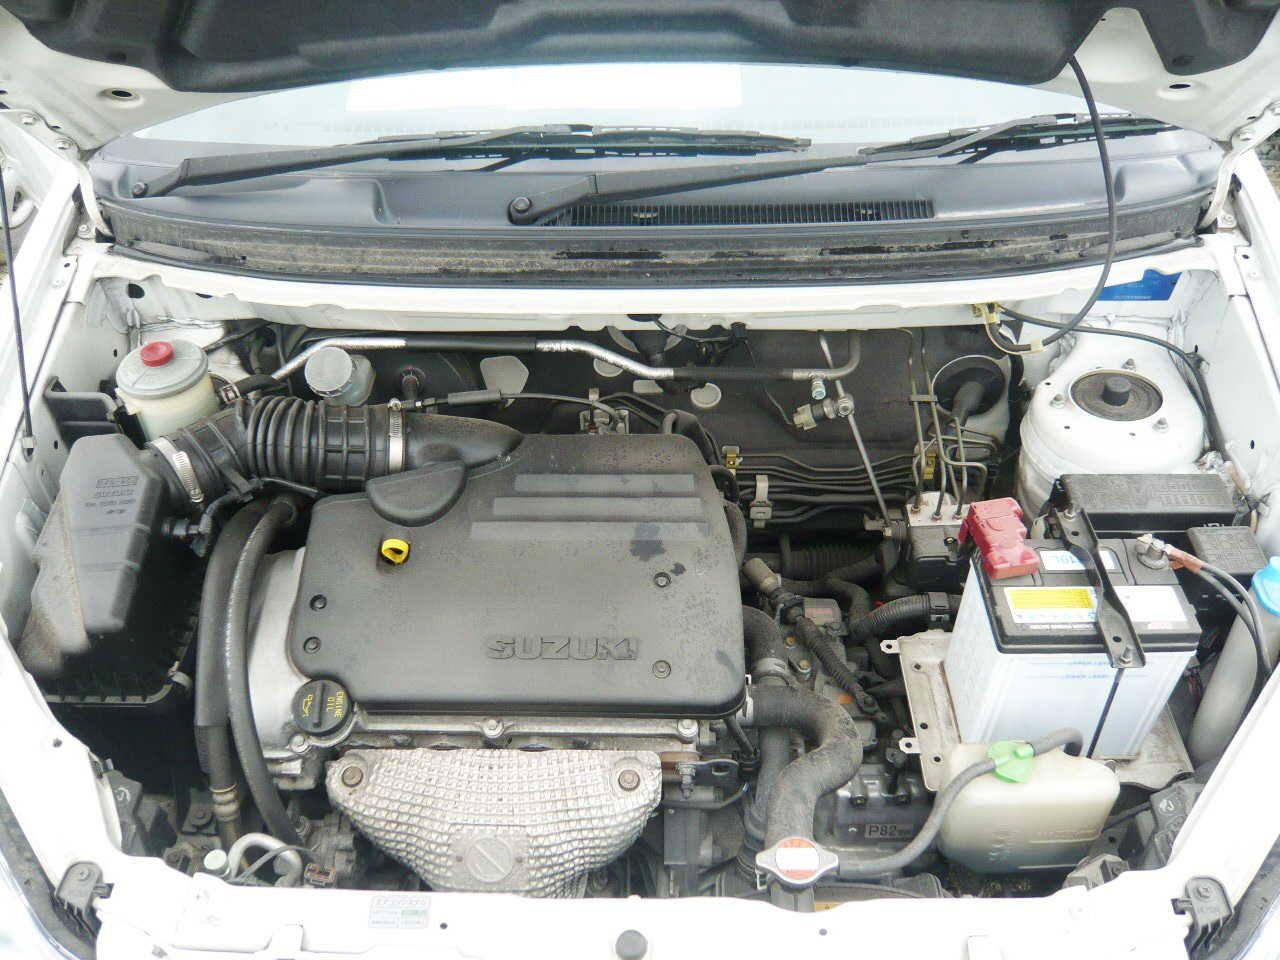 2007 suzuki forenza gas engine gas 20l part name 2007 suzuki 742336633976c06d258440b7b9149bb5 500532946061314274 of suzuki [ 1280 x 960 Pixel ]